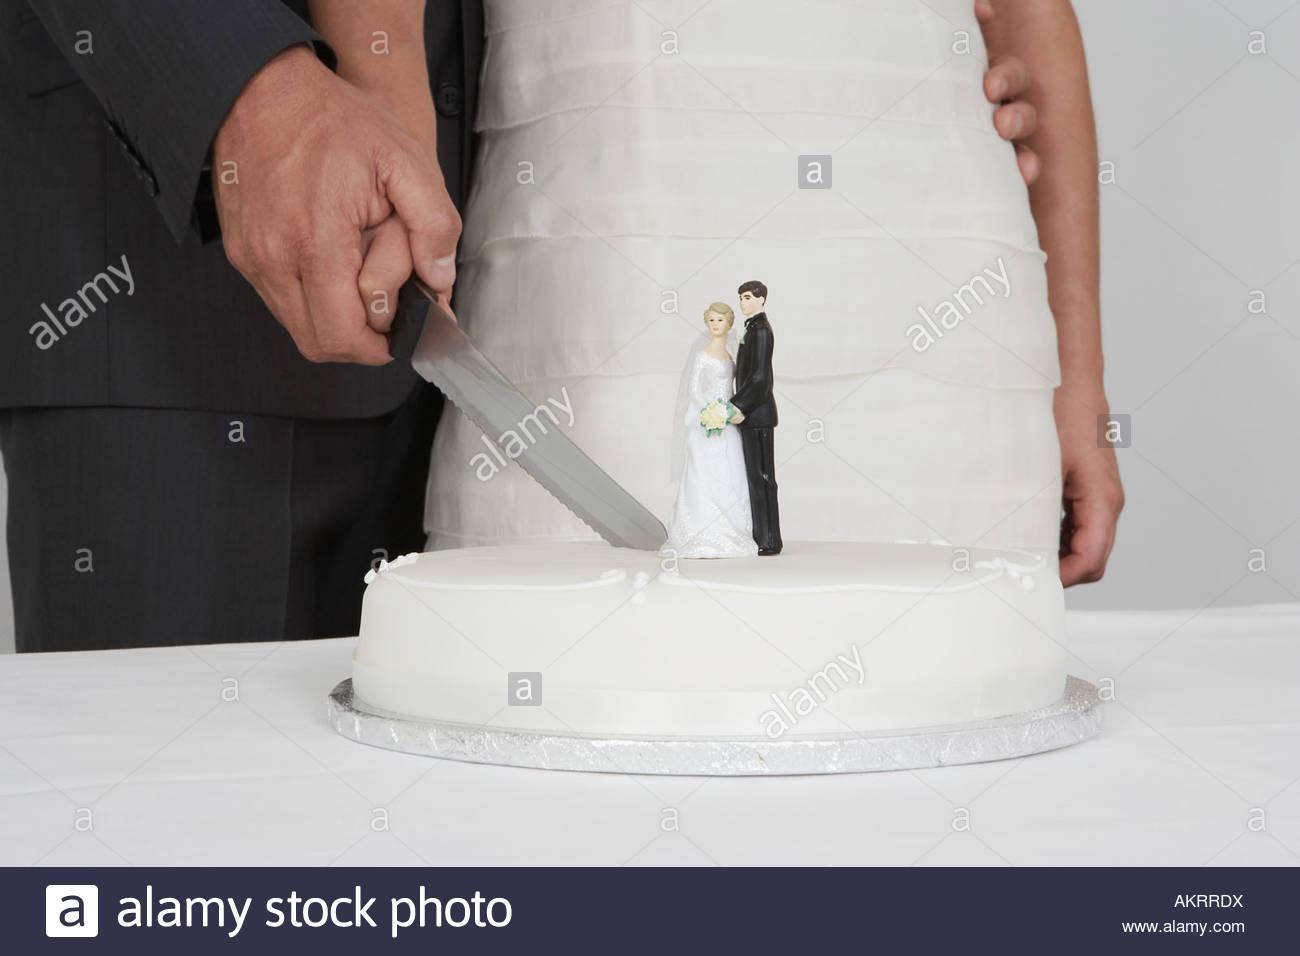 Les nouveaux mariés couper le gâteau de mariage Photo Stock